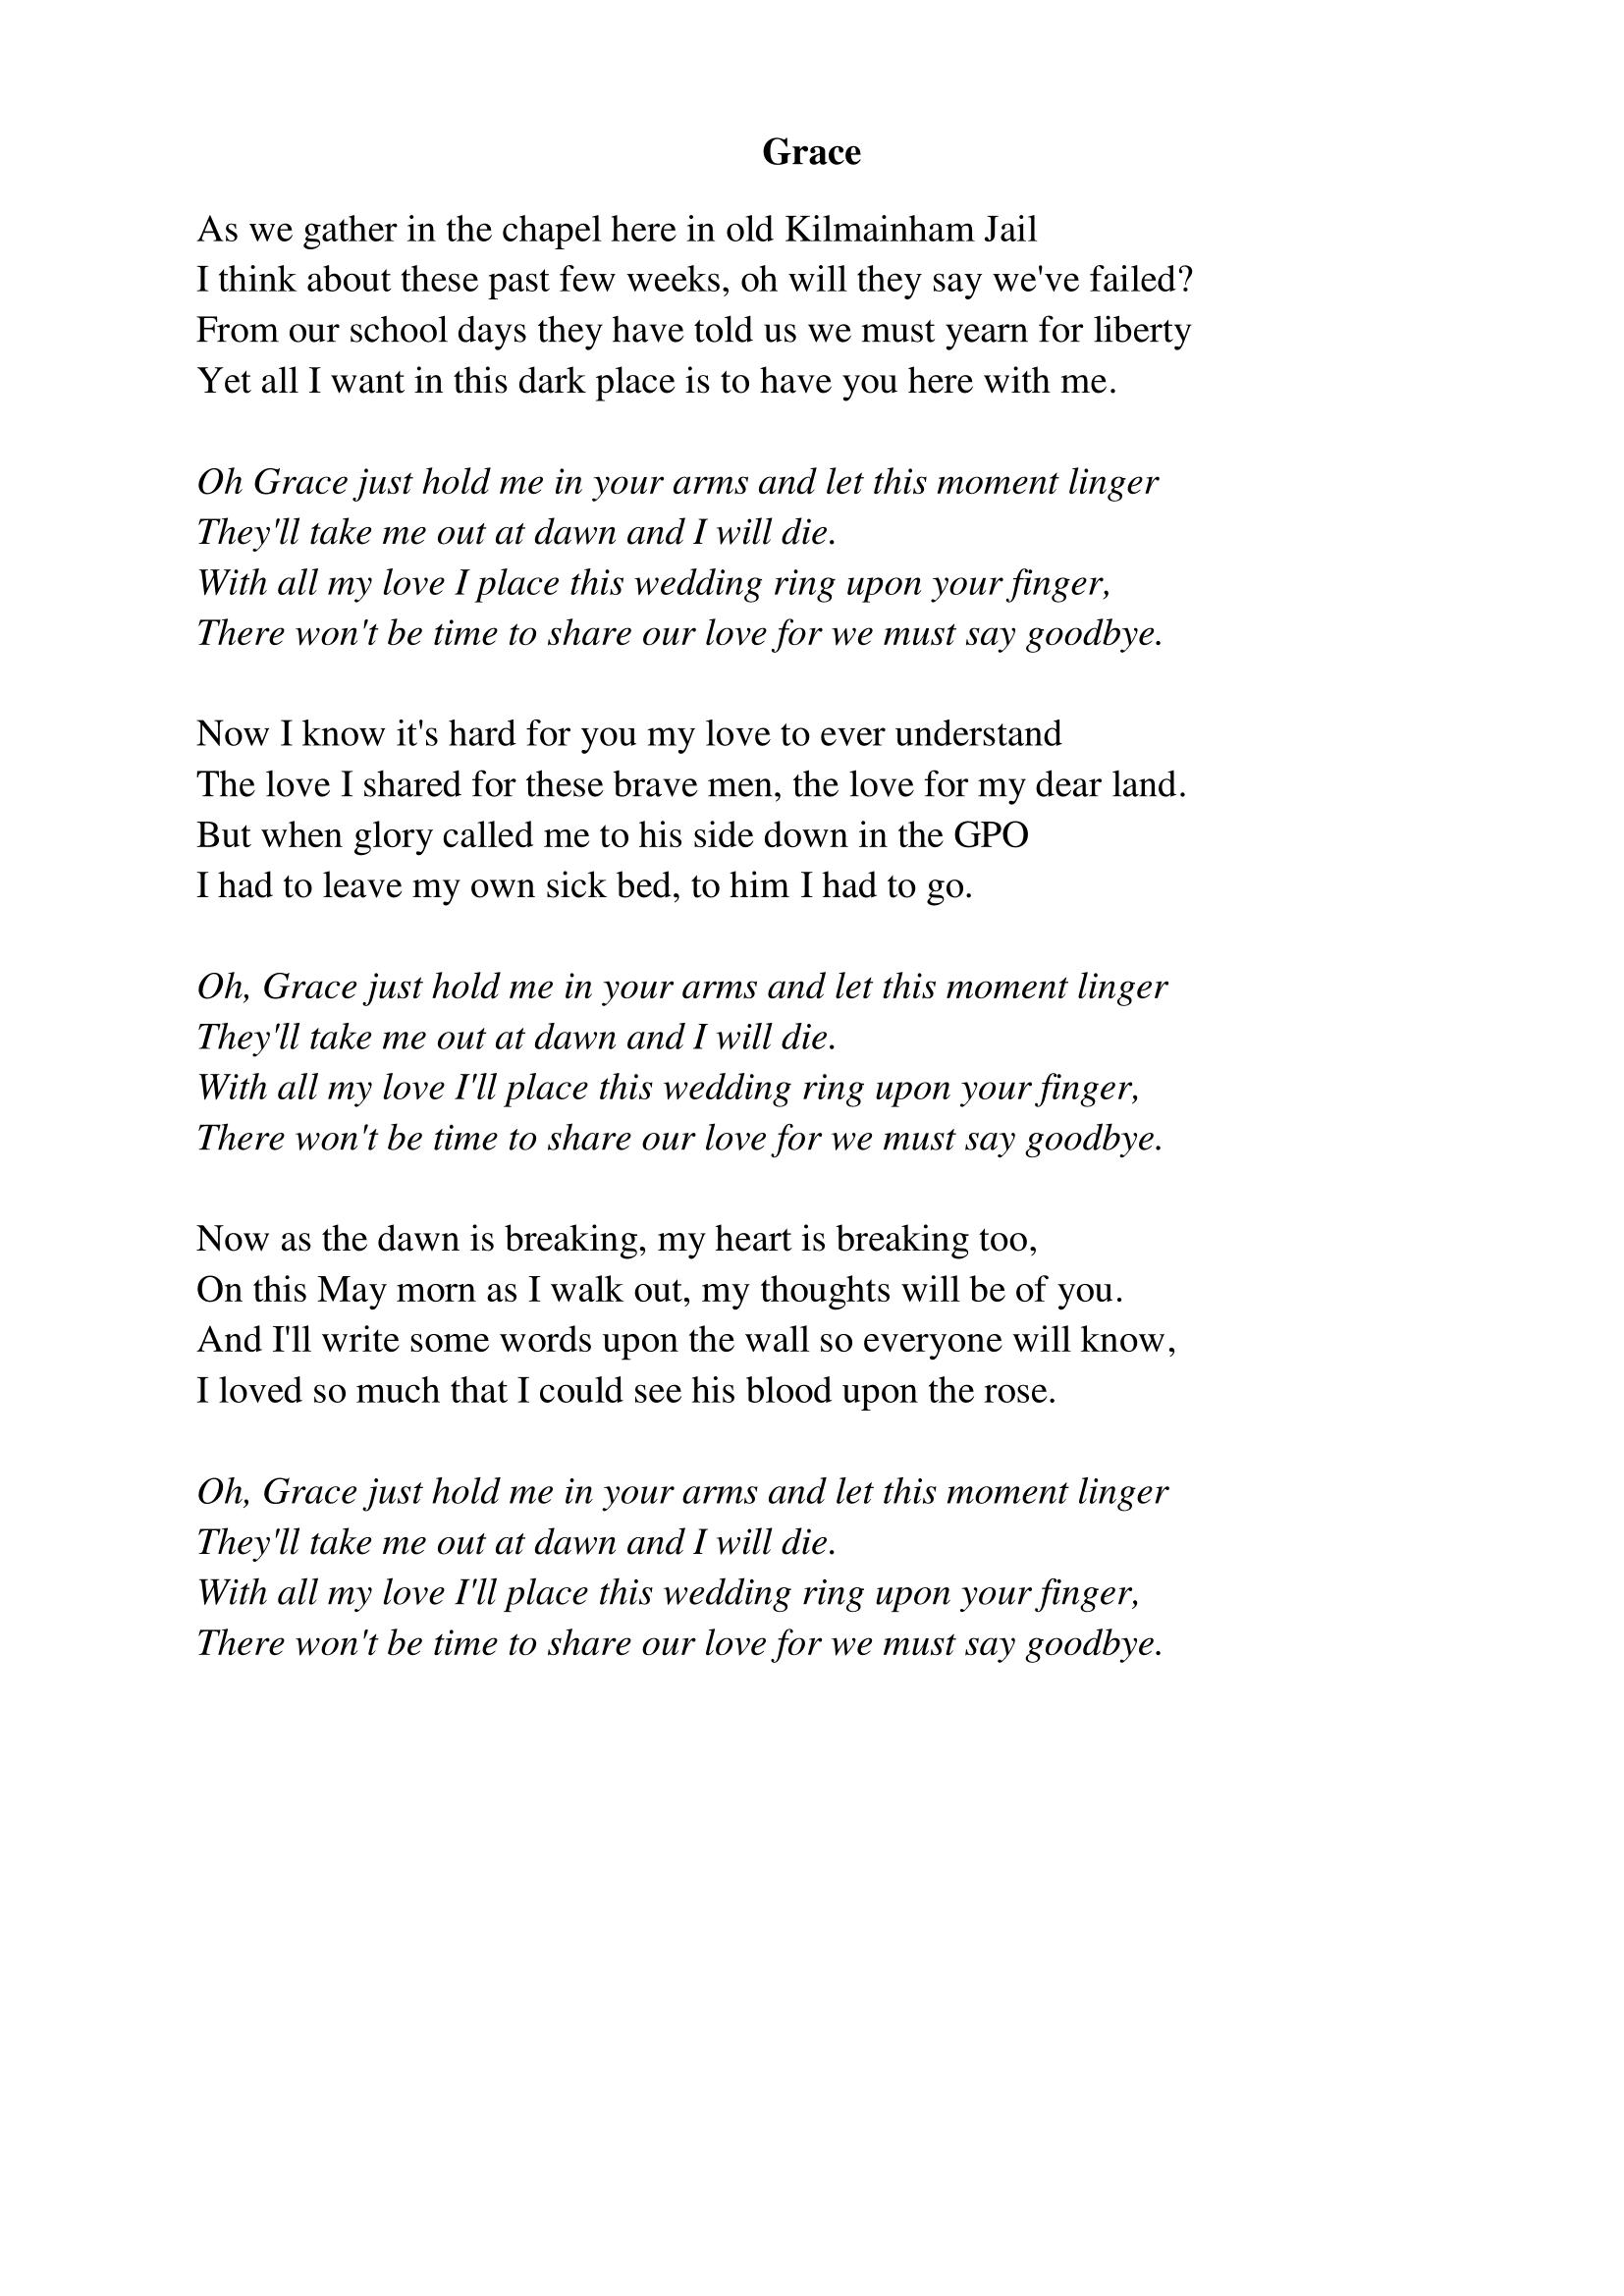 grace-lyrics-1